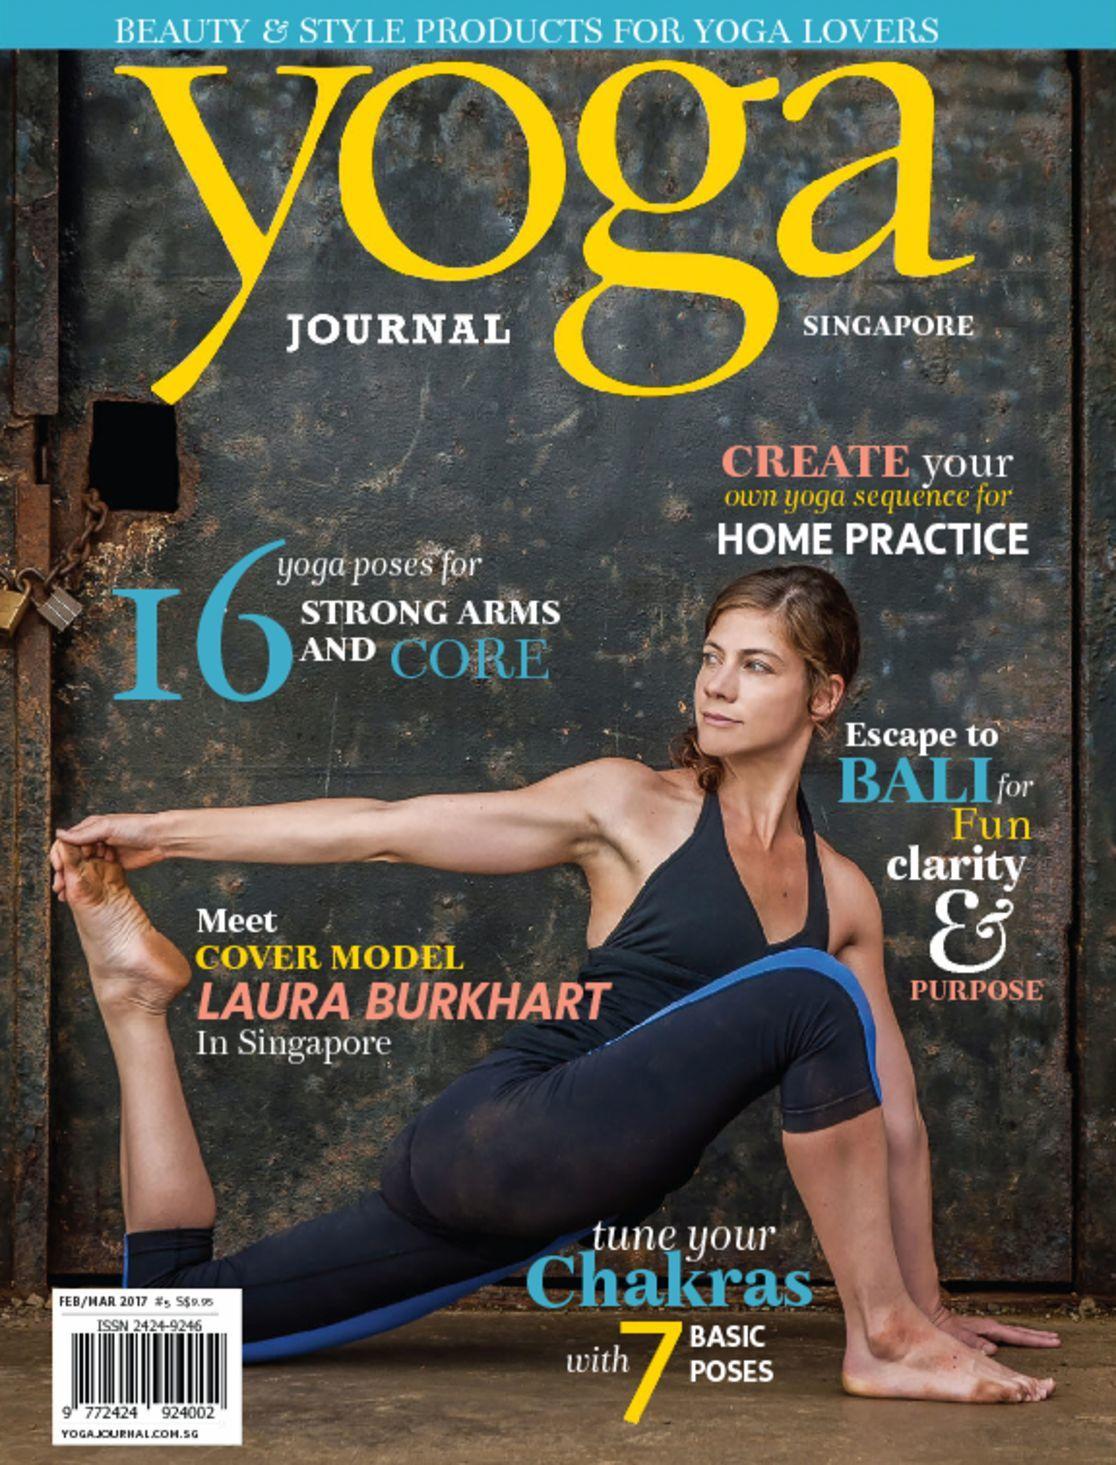 YOGA JOURNAL SINGAPORE Magazine (Digital) - DiscountMags.com